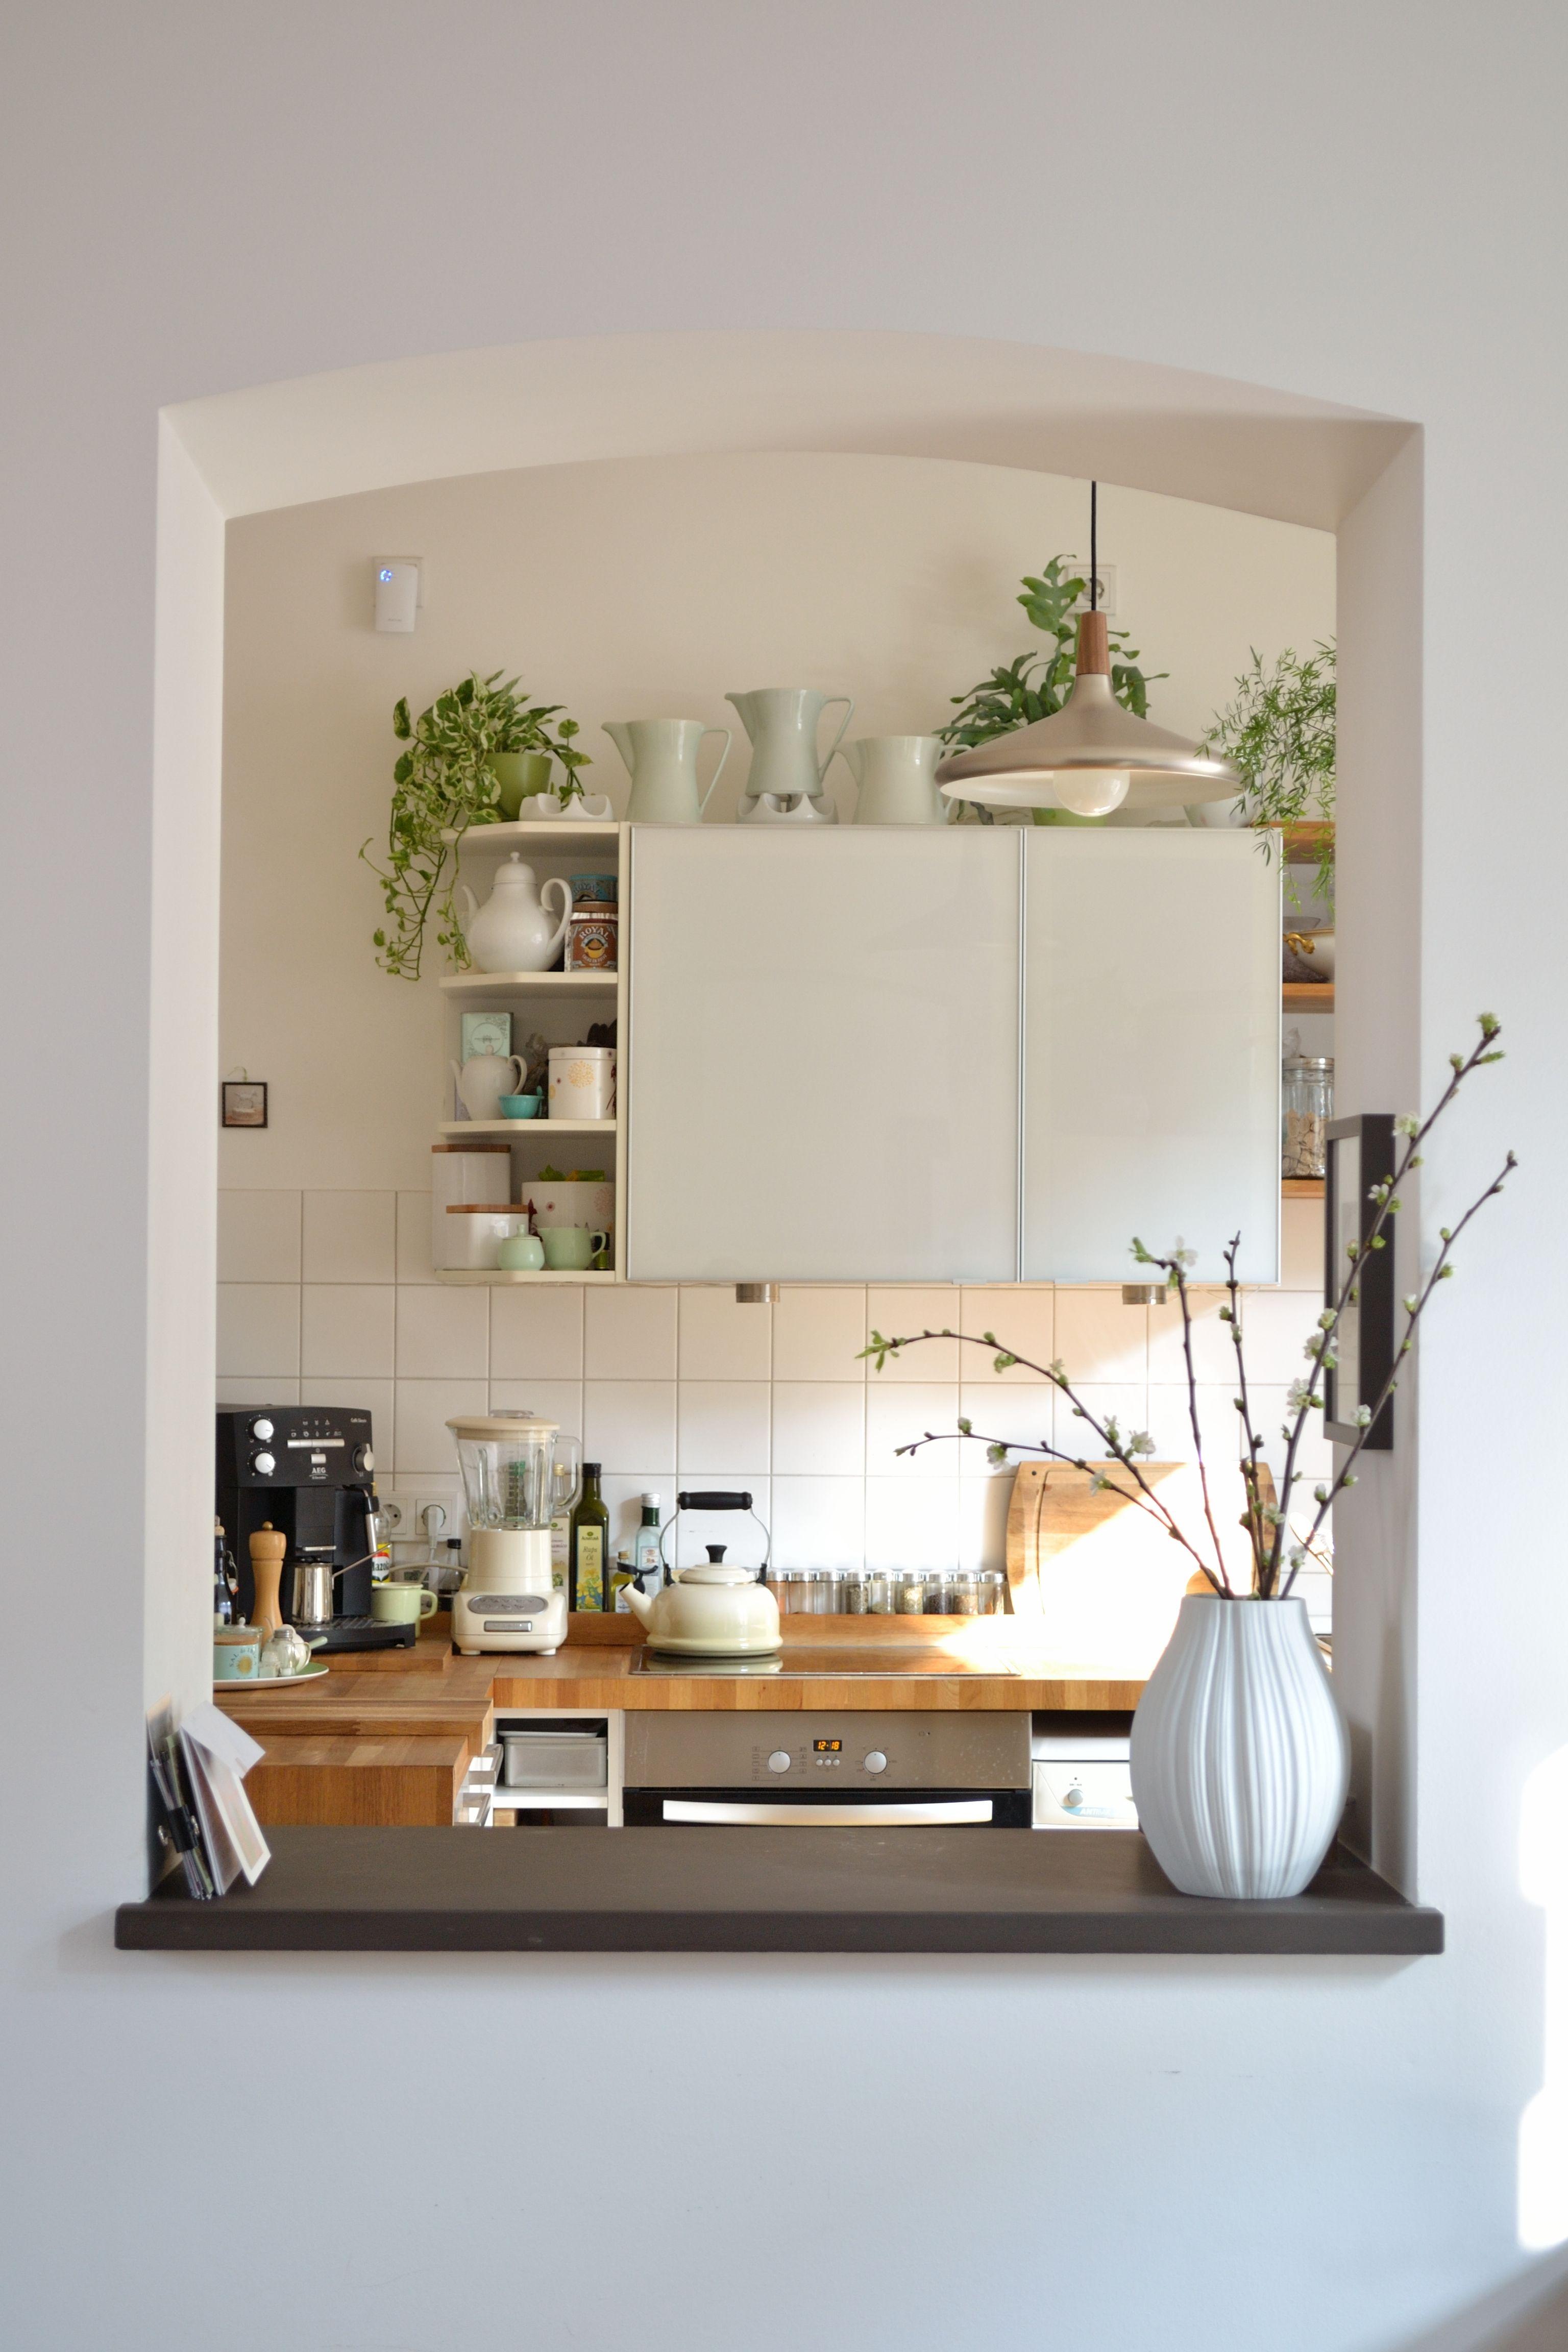 Fenster zur Küche | For the Home in 2019 | Wohnen ...